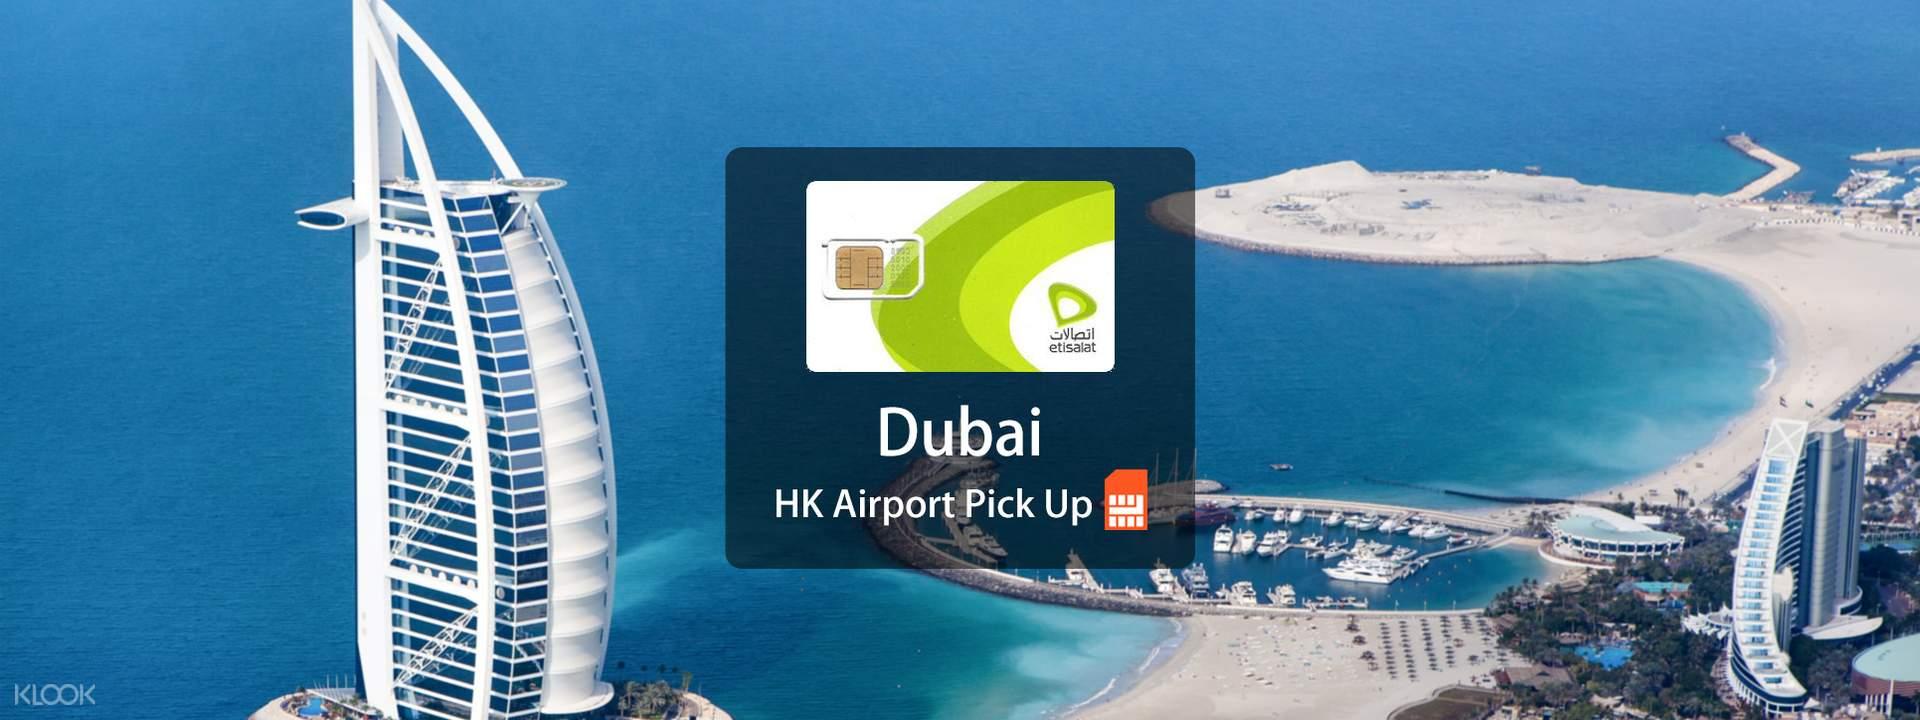 4G/3G Dubai Prepaid SIM Card (Hong Kong Airport Pick Up